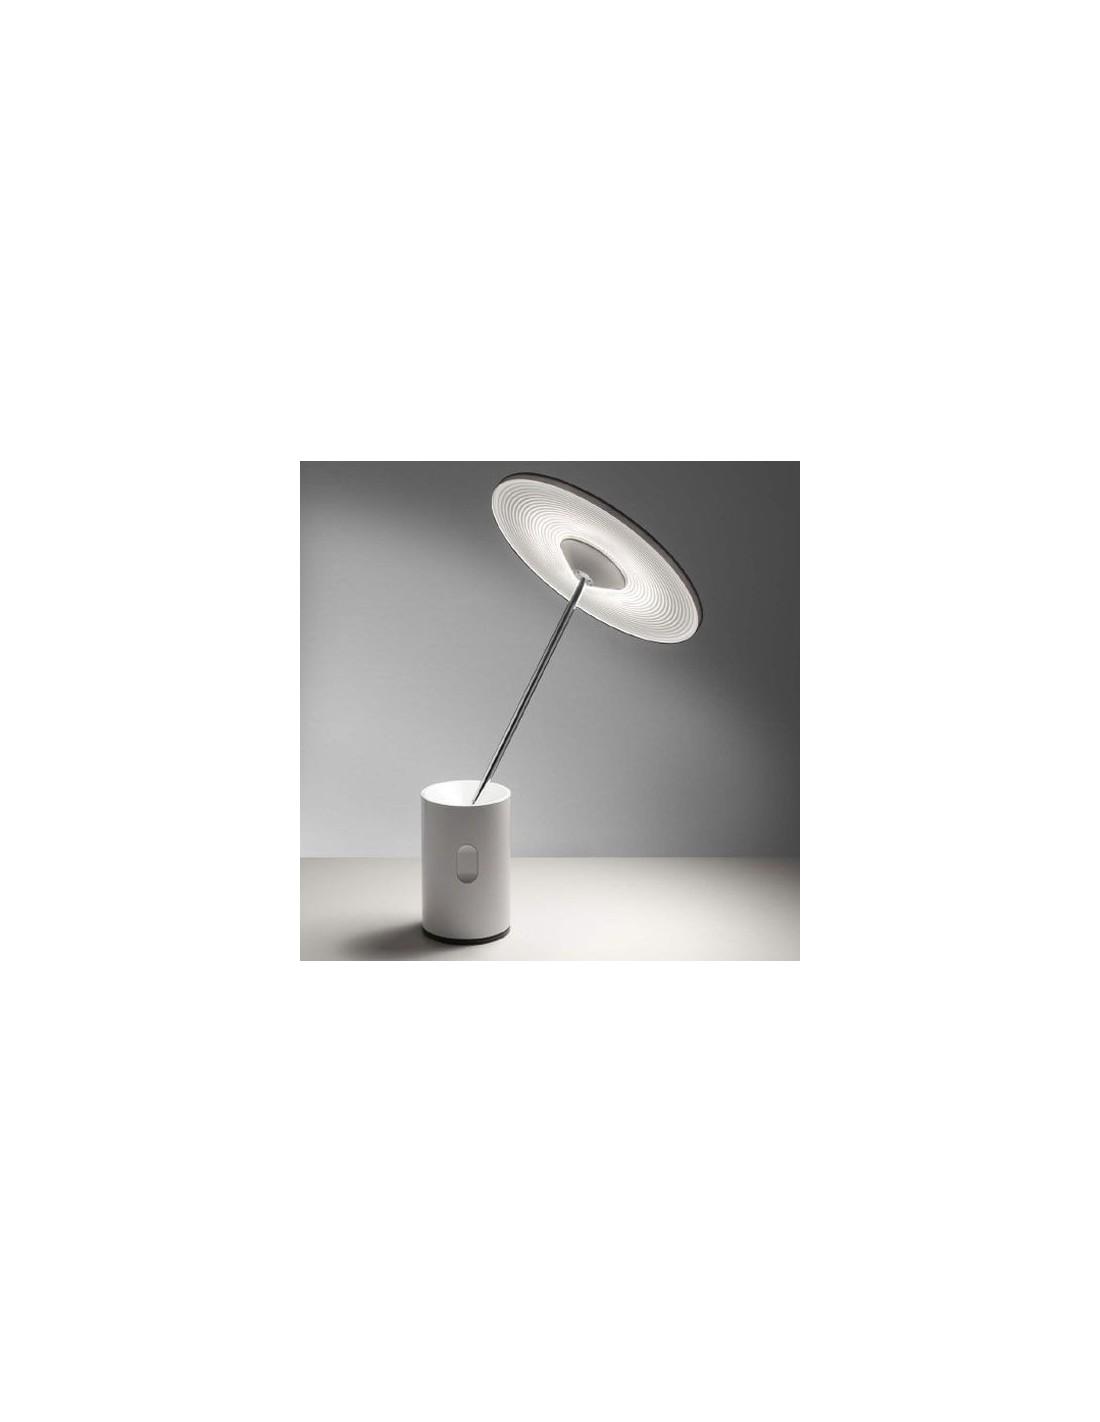 Lampe articul e sisifo - Lampe de bureau artemide ...